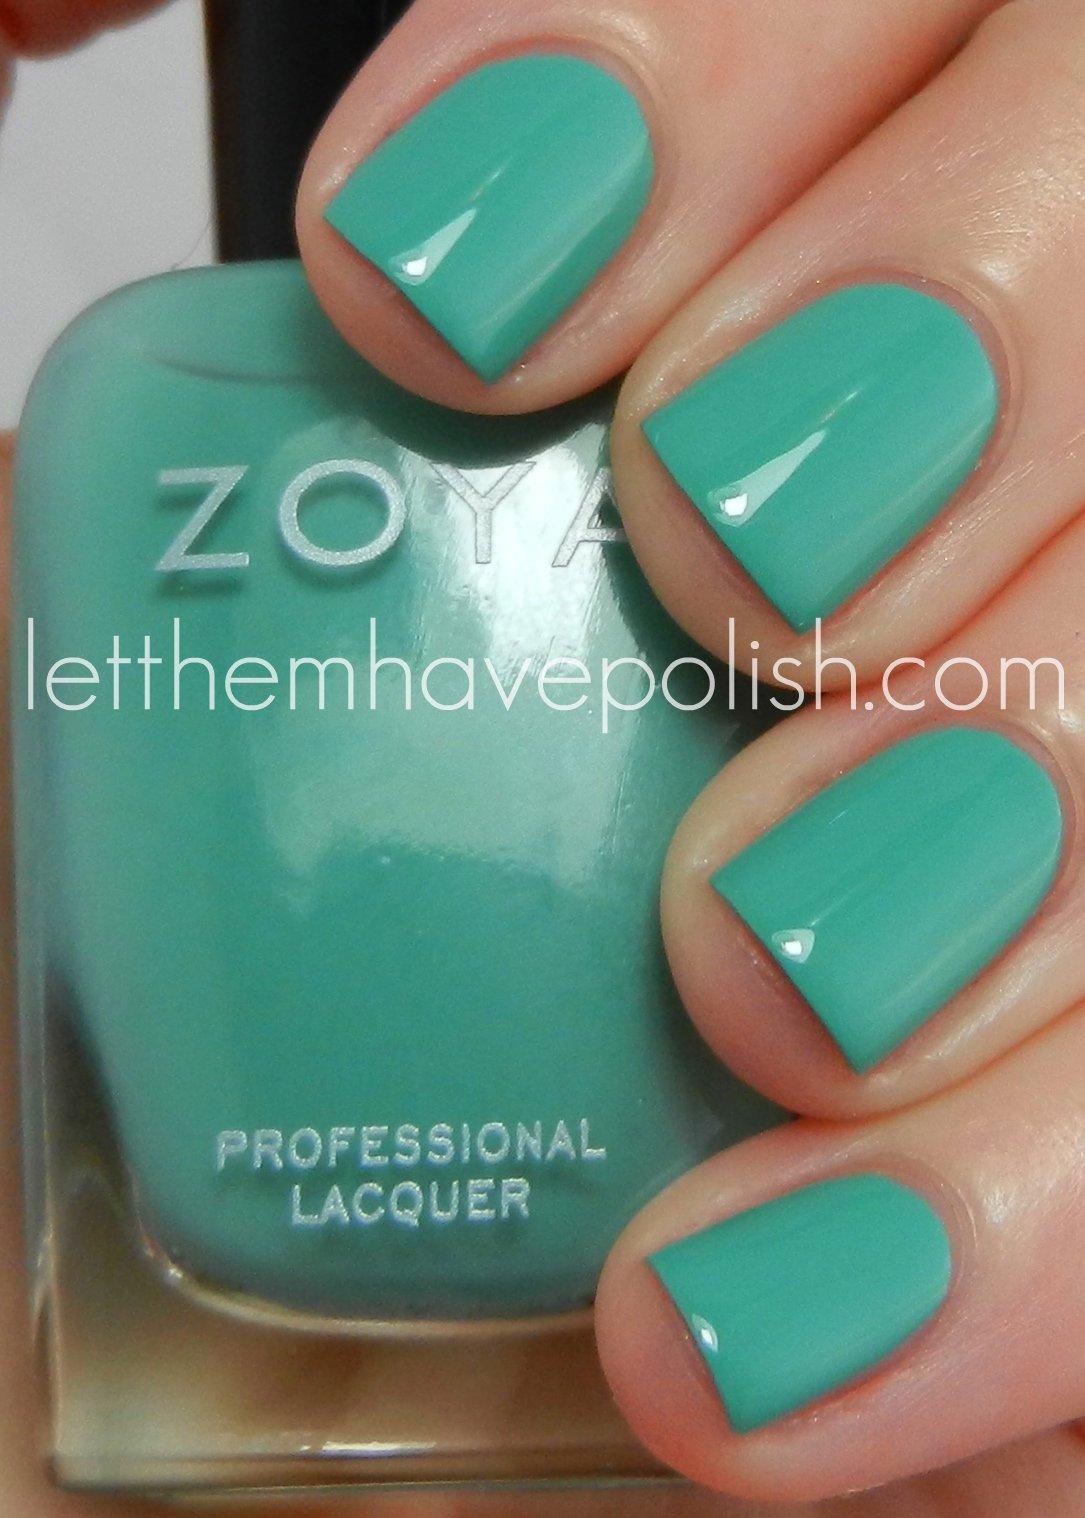 Zoya Bevin Vs Wednesday Let them have Polish!:...